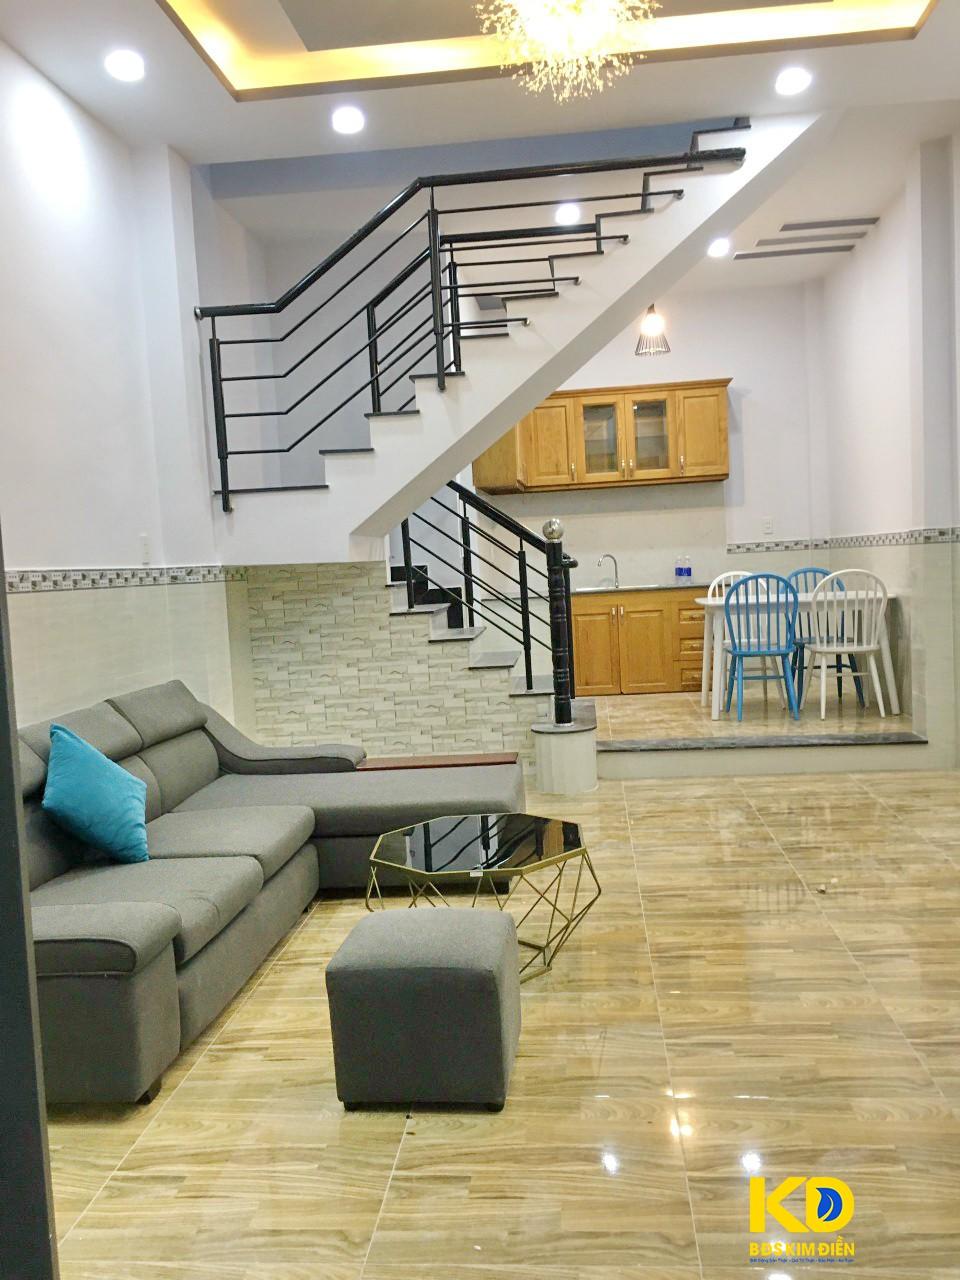 Bán nhà mới đẹp hẻm xe hơi Chuyên Dùng 9 P. Phú Mỹ Quận 7